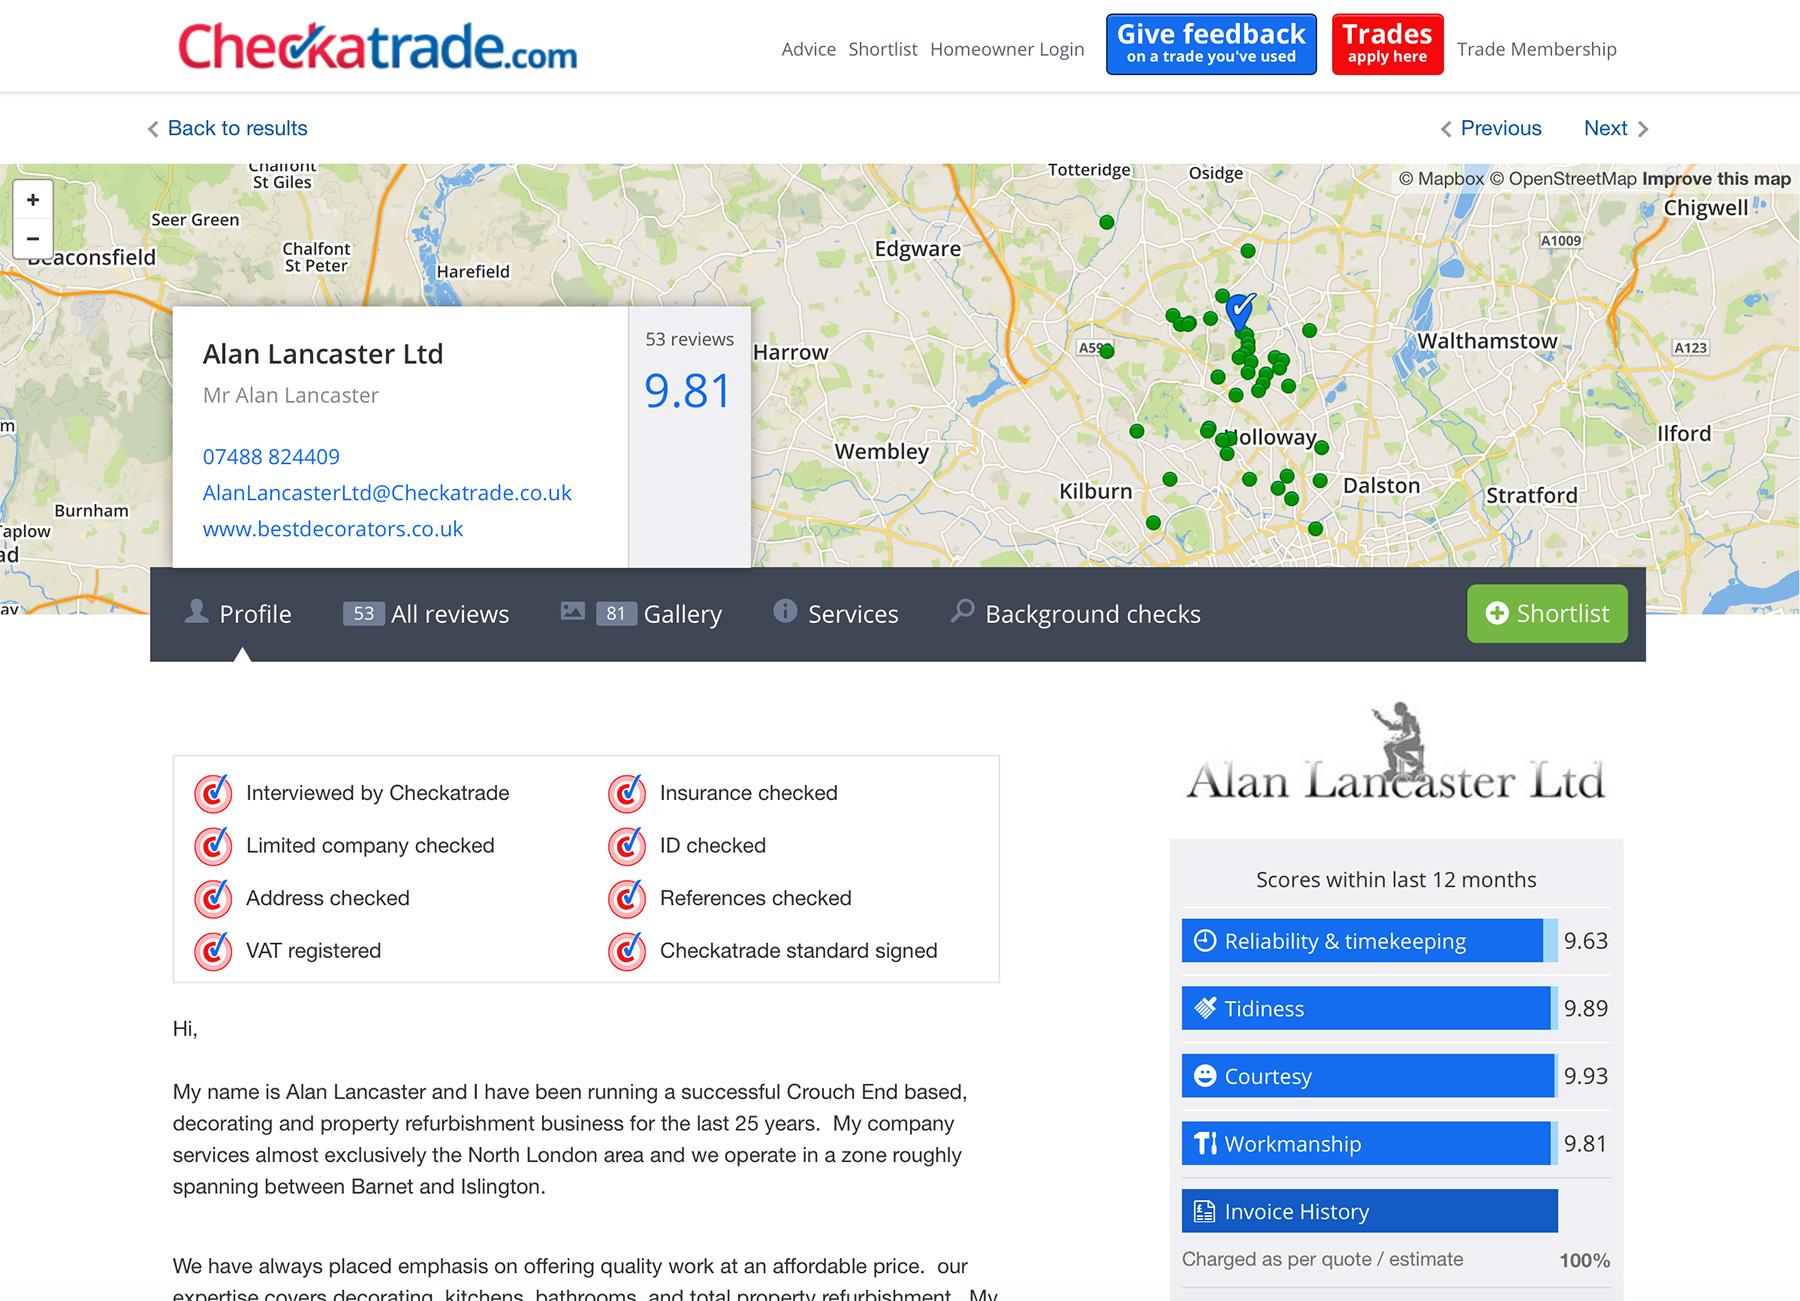 Alan Lancaster Ltd reviews on Checkatrade